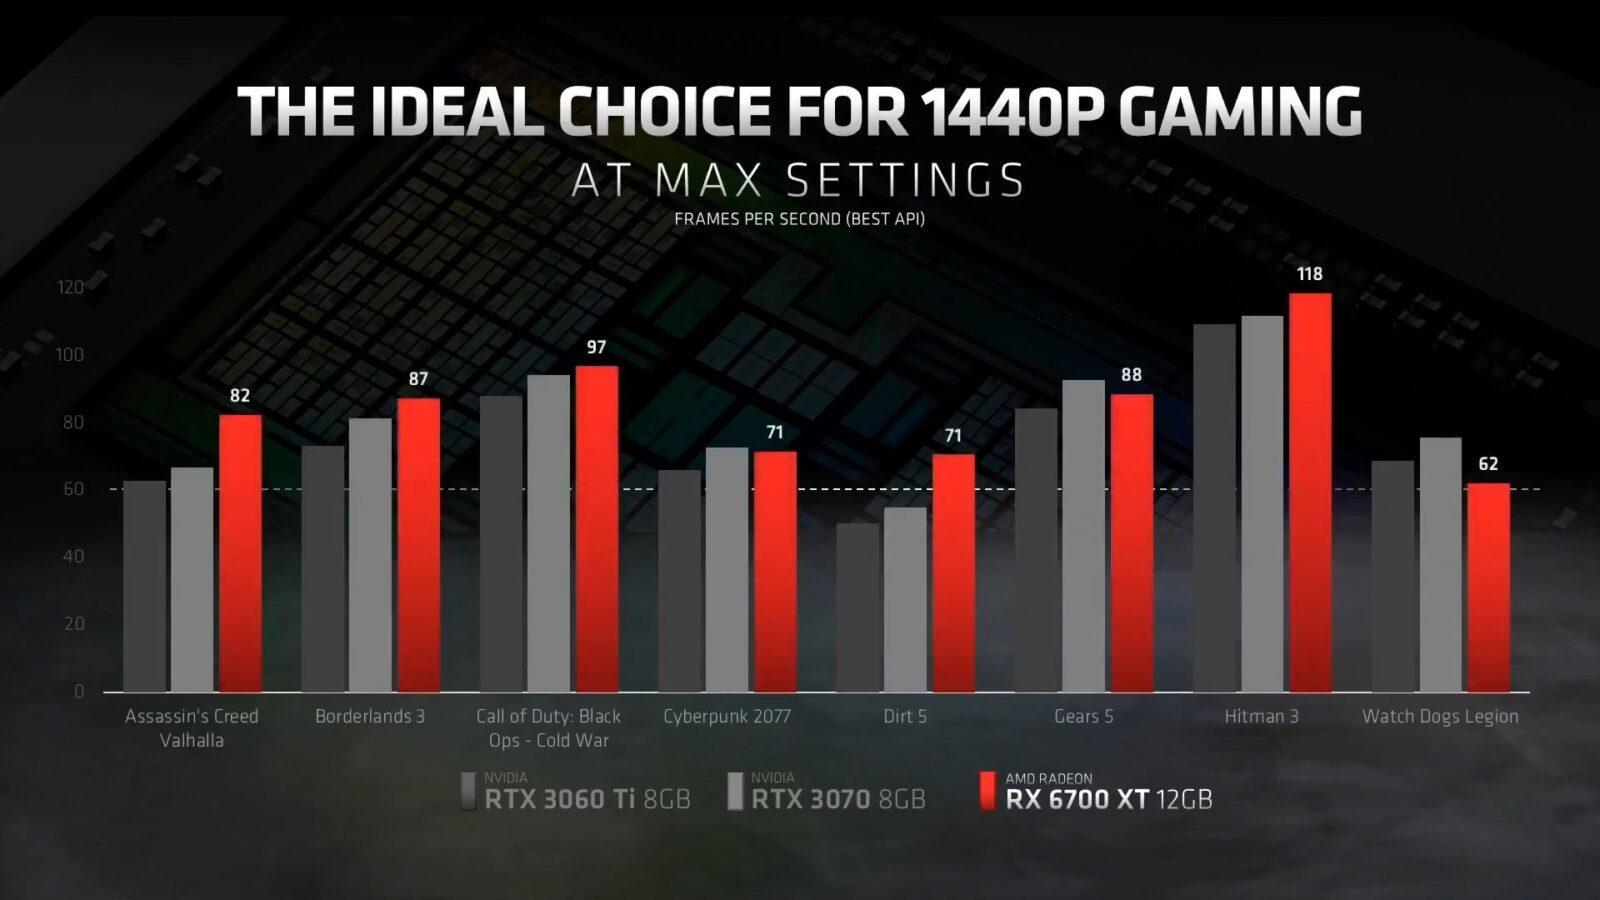 AMD представила свою новую видеокарту из семейства RDNA2 - Radeon RX 6700 XT (2 1)